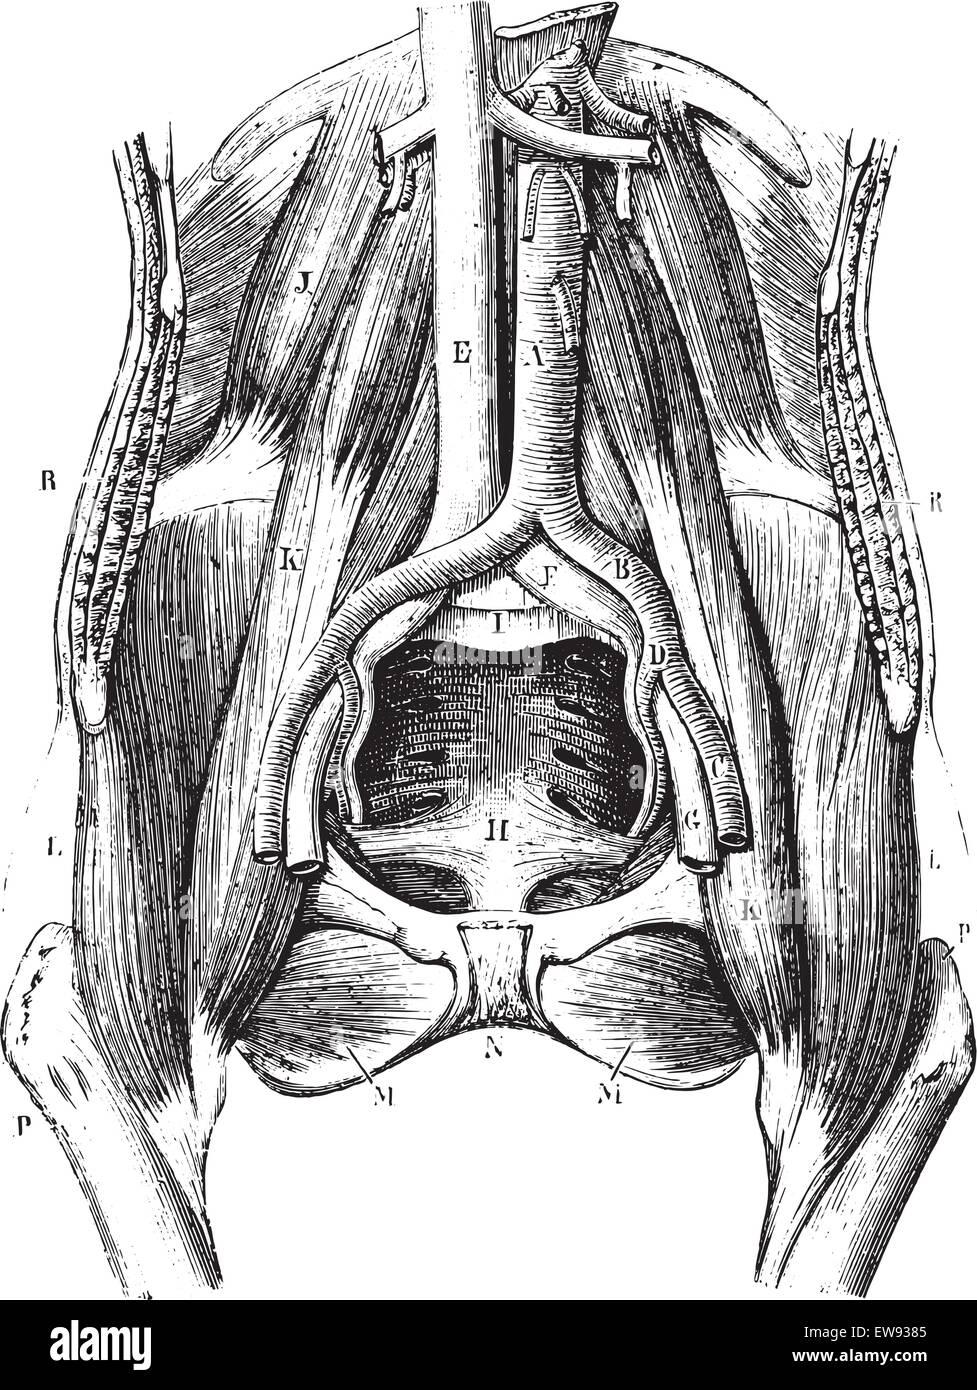 Ausgezeichnet Weibliche Anatomie Blase Gebärmutter Ideen ...